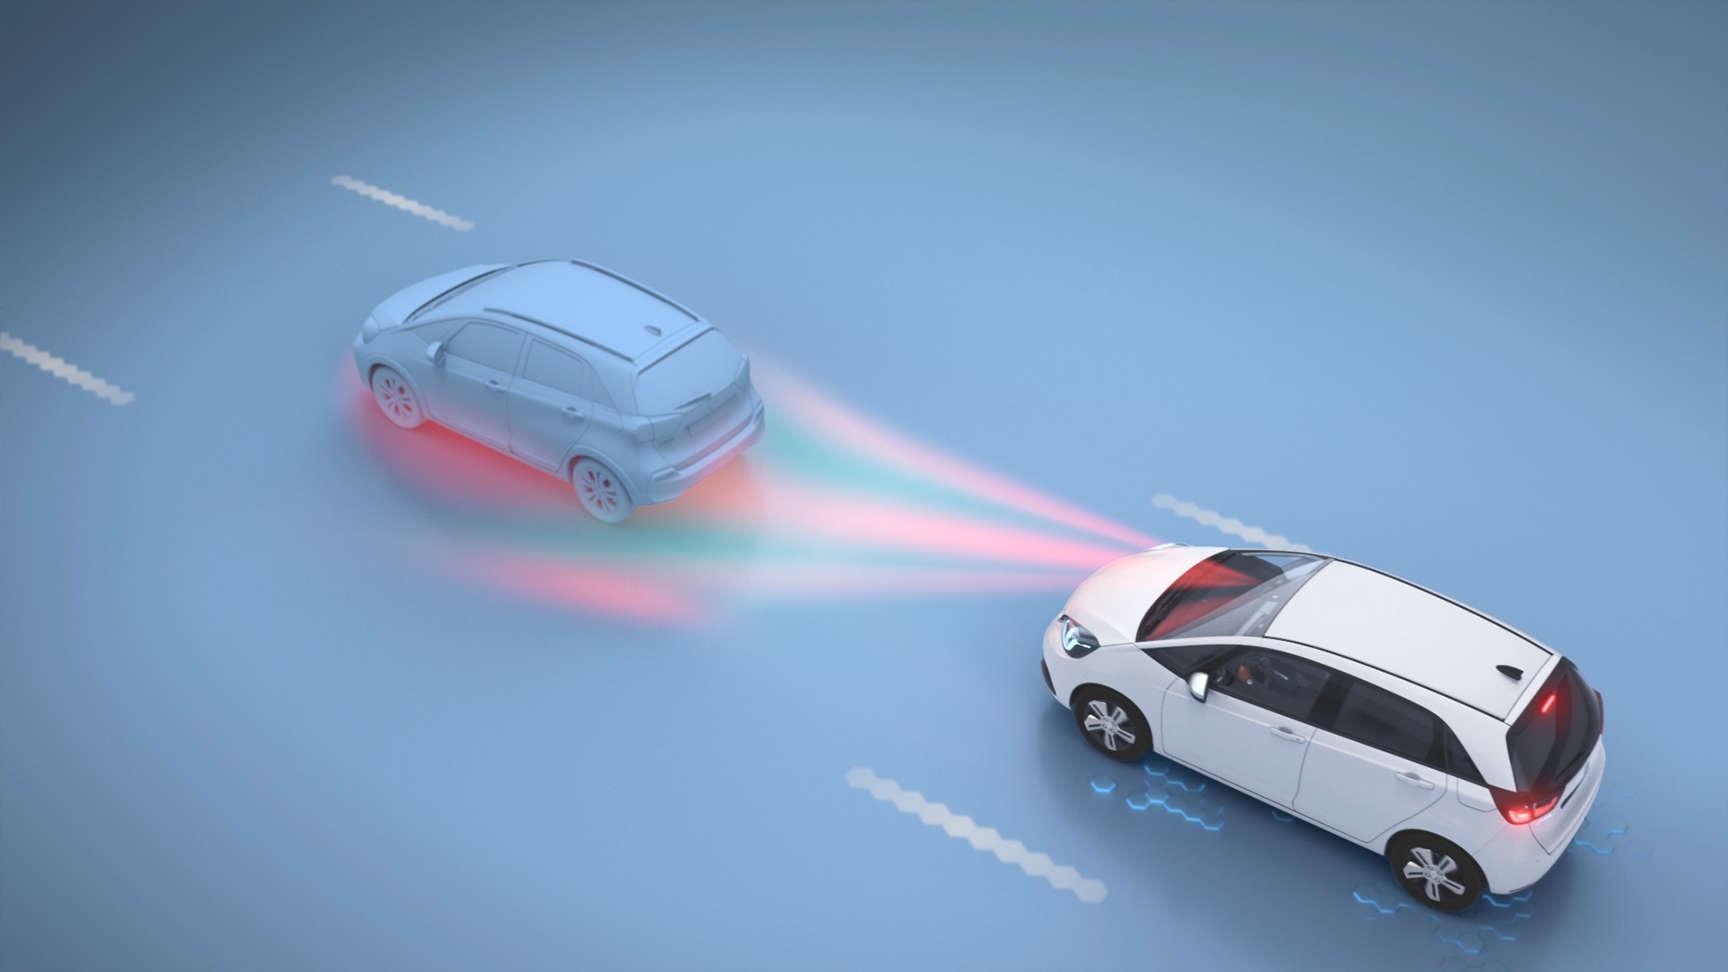 Vozidlo Honda idúce za ďalším vozidlom so znázornením signálu detekcie v rámci predchádzania kolíziám